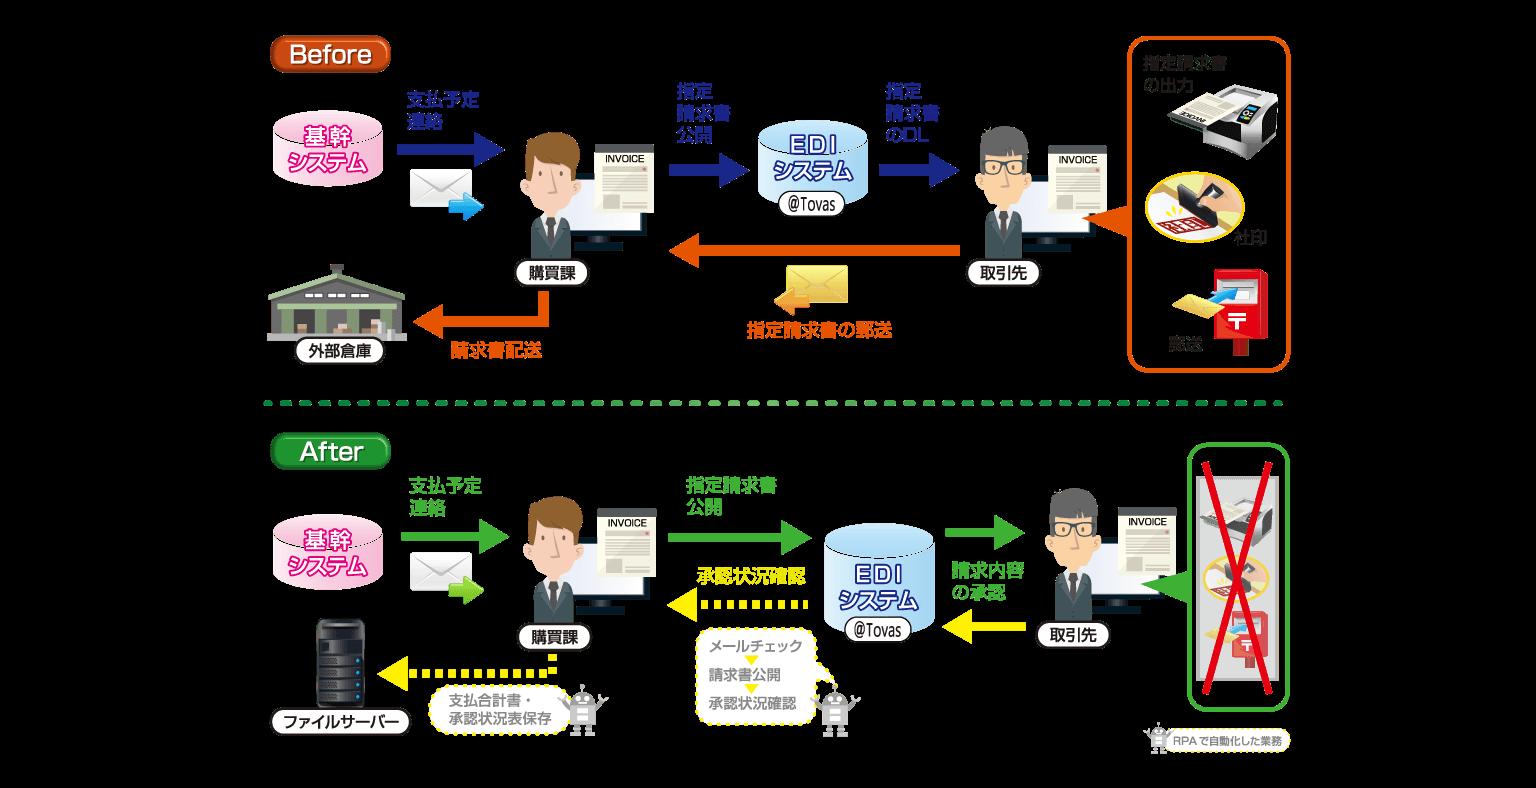 極東開発工業株式会社様導入事例:CELF導入前後の業務フロー図 RPAの横展開で業務を改善